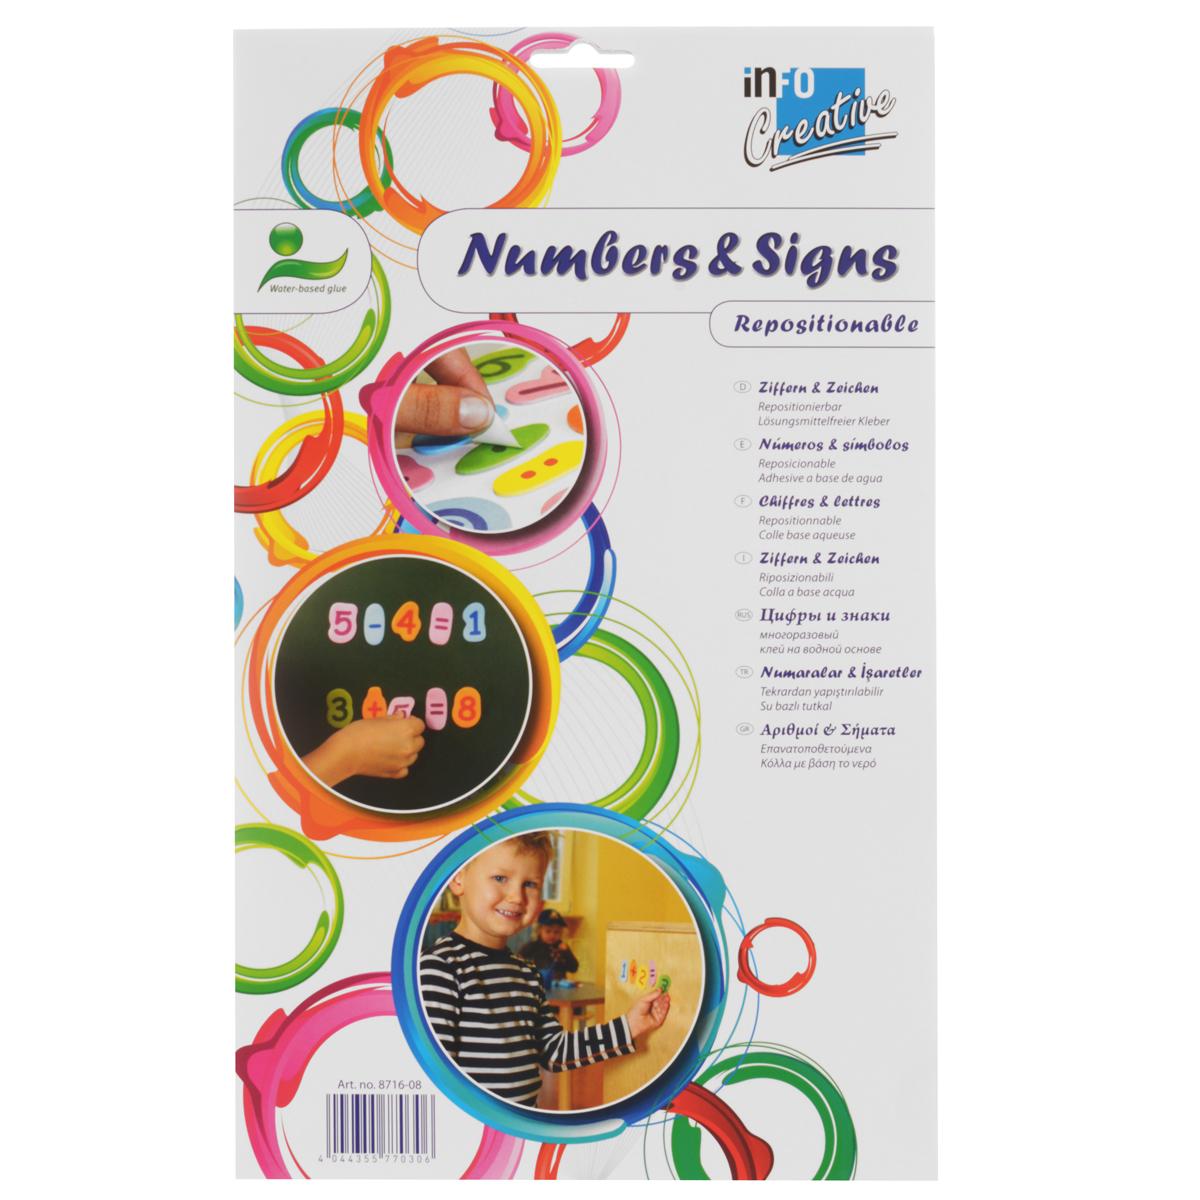 """Набор самоклеящихся цифр Creative """"Numbers & Signs"""" представляет собой замечательный набор для подготовки вашего малыша к школе. Набор включает в себя: 30 блоков самоклеящихся цифр и знаков. Цифры и знаки изготовлены из цветной бумаги. С помощью этого набора ребенок научится узнавать очертания цифр и вскоре начинает складывать цифры в уравнения, а также сможет решать различные примеры. В наборе имеются забавные смайлики, которые можно использовать как подсказку ребенку насколько правильно он решил пример. Яркие буковки позволят малышу узнать много нового и превратят учебу в веселую игру."""